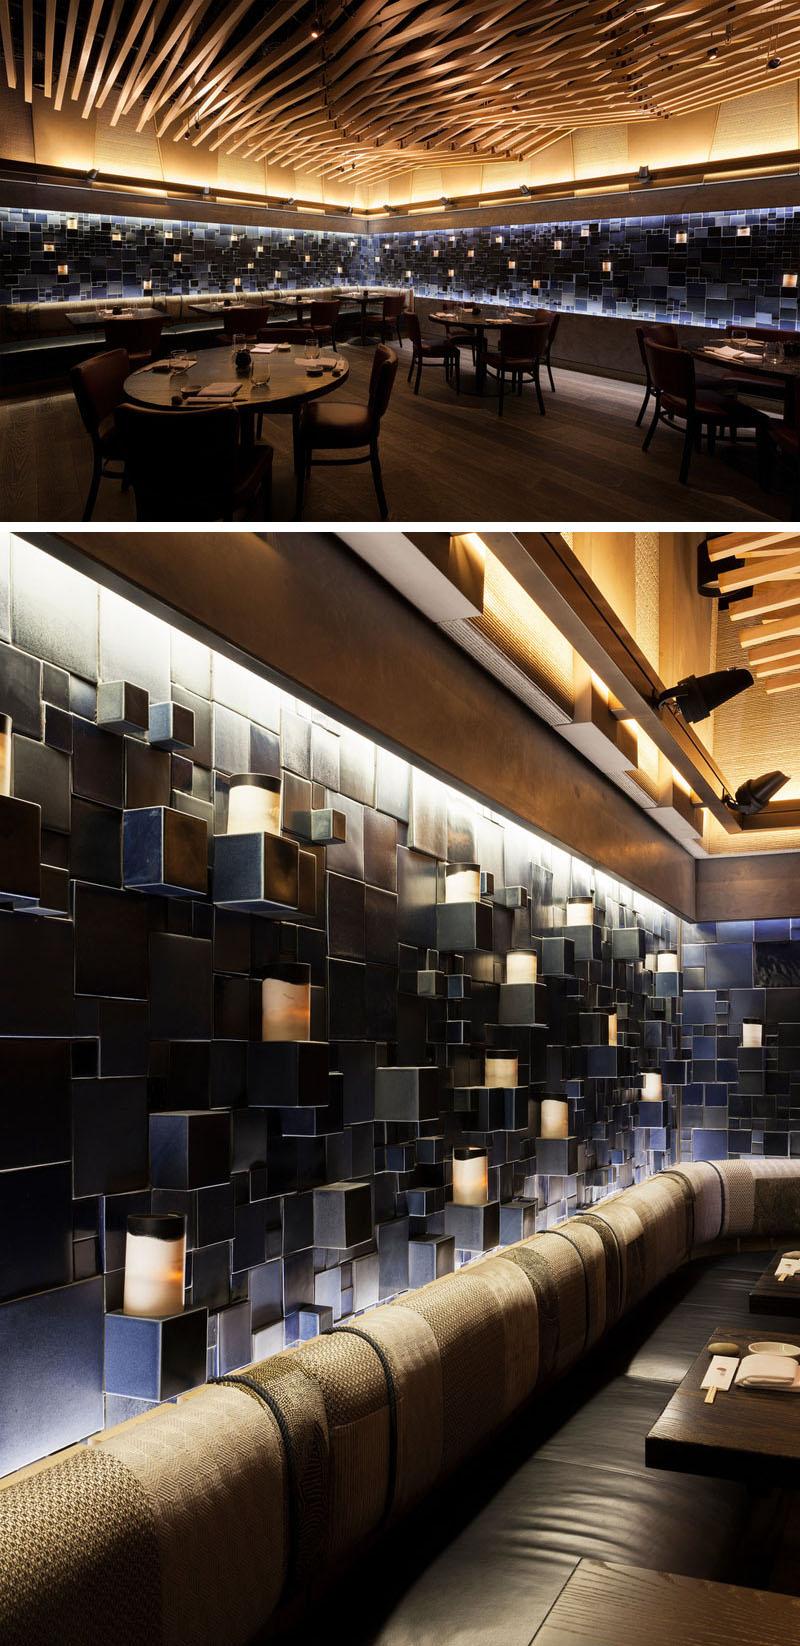 Интерьер современного ресторана с керамической арт стеной